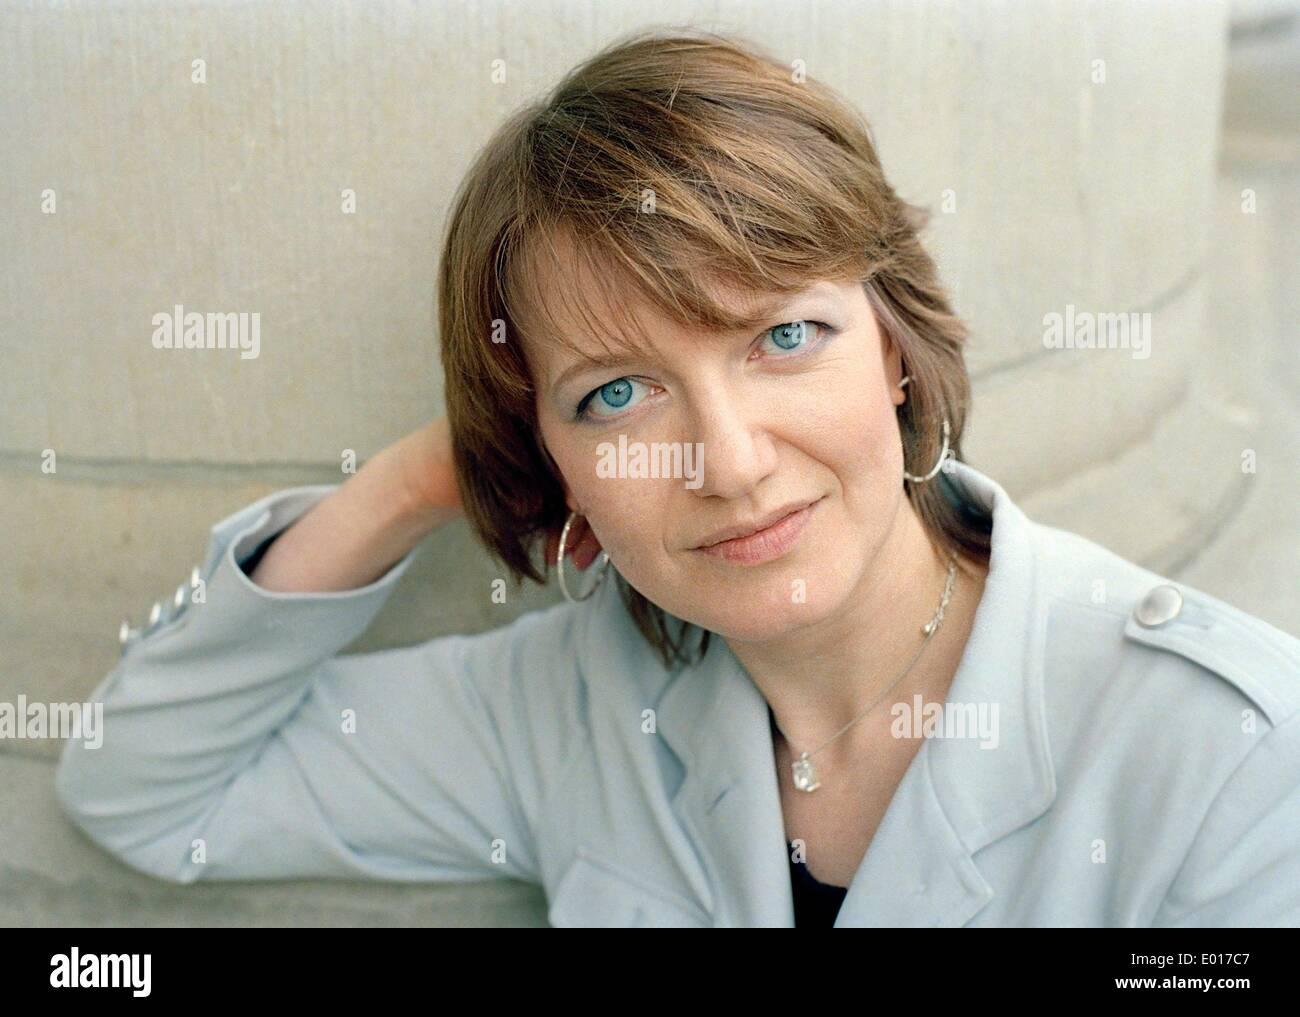 Eleonora Hummel, 2006 - Stock Image